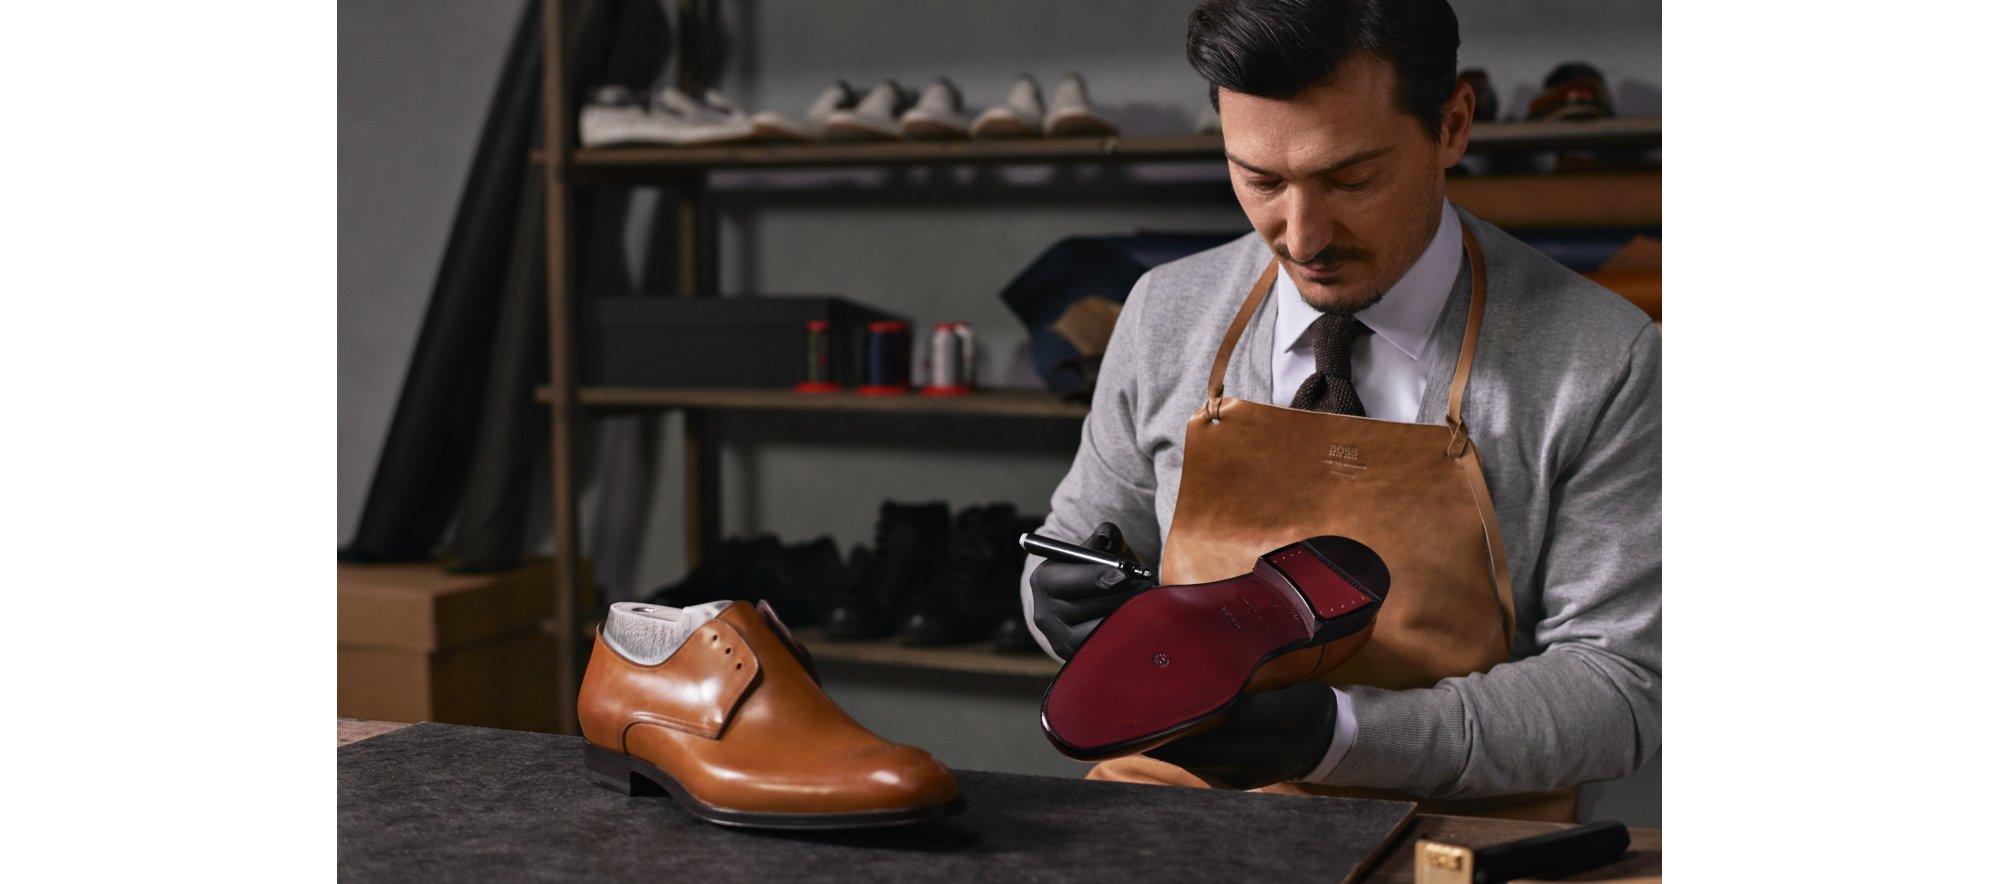 Herstellung von Schuhen von BOSS